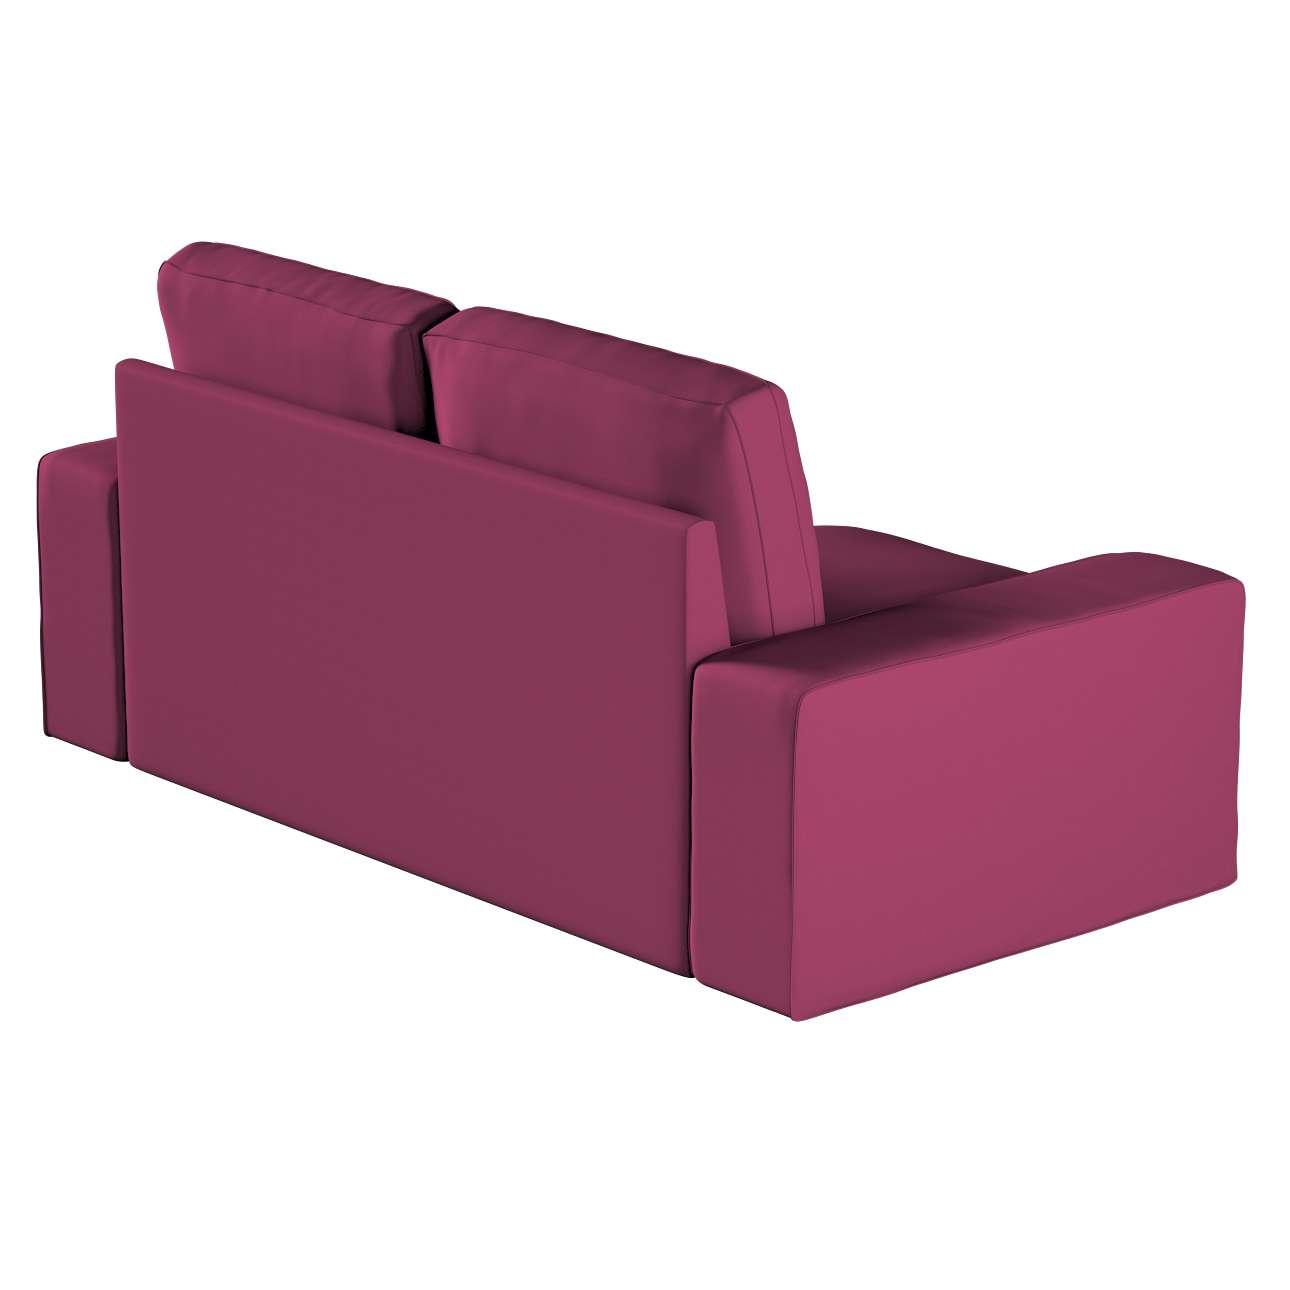 Pokrowiec na sofę Kivik 2-osobową, nierozkładaną w kolekcji Cotton Panama, tkanina: 702-32